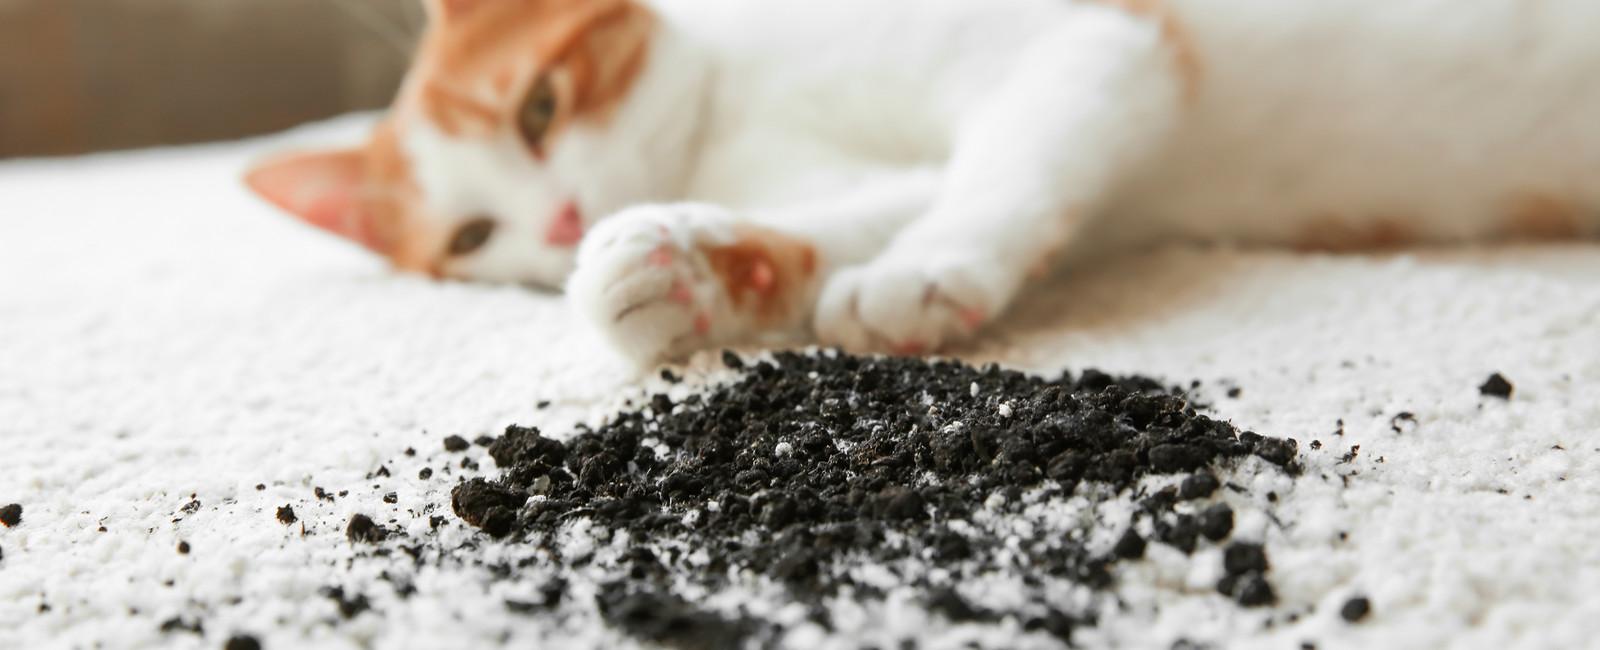 flecken im teppich stunning flecken aus teppich entfernen genial teppich flecken entfernen with. Black Bedroom Furniture Sets. Home Design Ideas